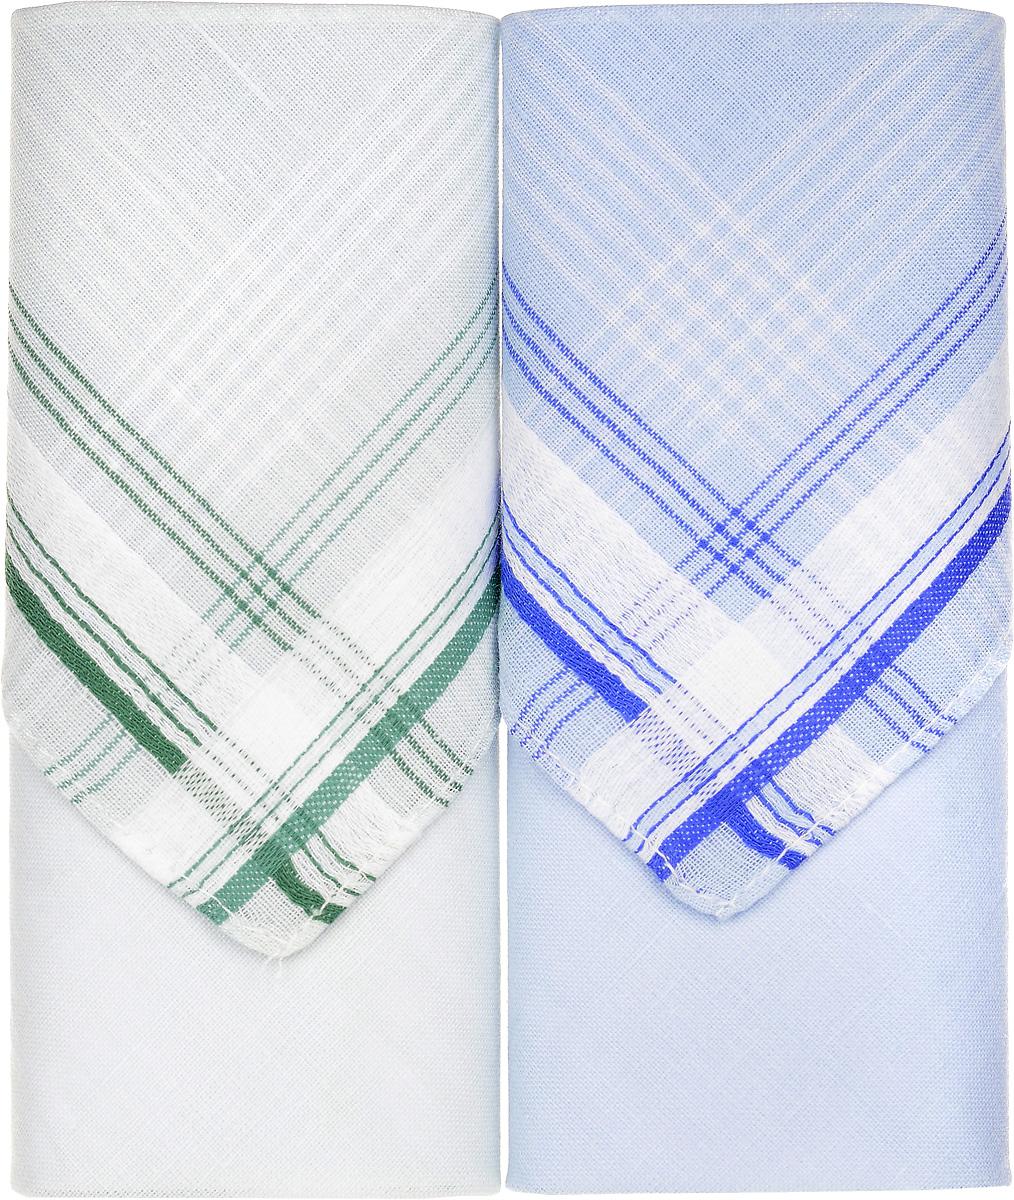 Платок носовой женский Zlata Korunka, цвет: голубой, зеленый, 2 шт. 71225-14. Размер 34 см х 34 см71225-14Небольшой женский носовой платок Zlata Korunka изготовлен из высококачественного натурального хлопка, благодаря чему приятен в использовании, хорошо стирается, не садится и отлично впитывает влагу. Практичный и изящный носовой платок будет незаменим в повседневной жизни любого современного человека. Такой платок послужит стильным аксессуаром и подчеркнет ваше превосходное чувство вкуса. В комплекте 2 платка.